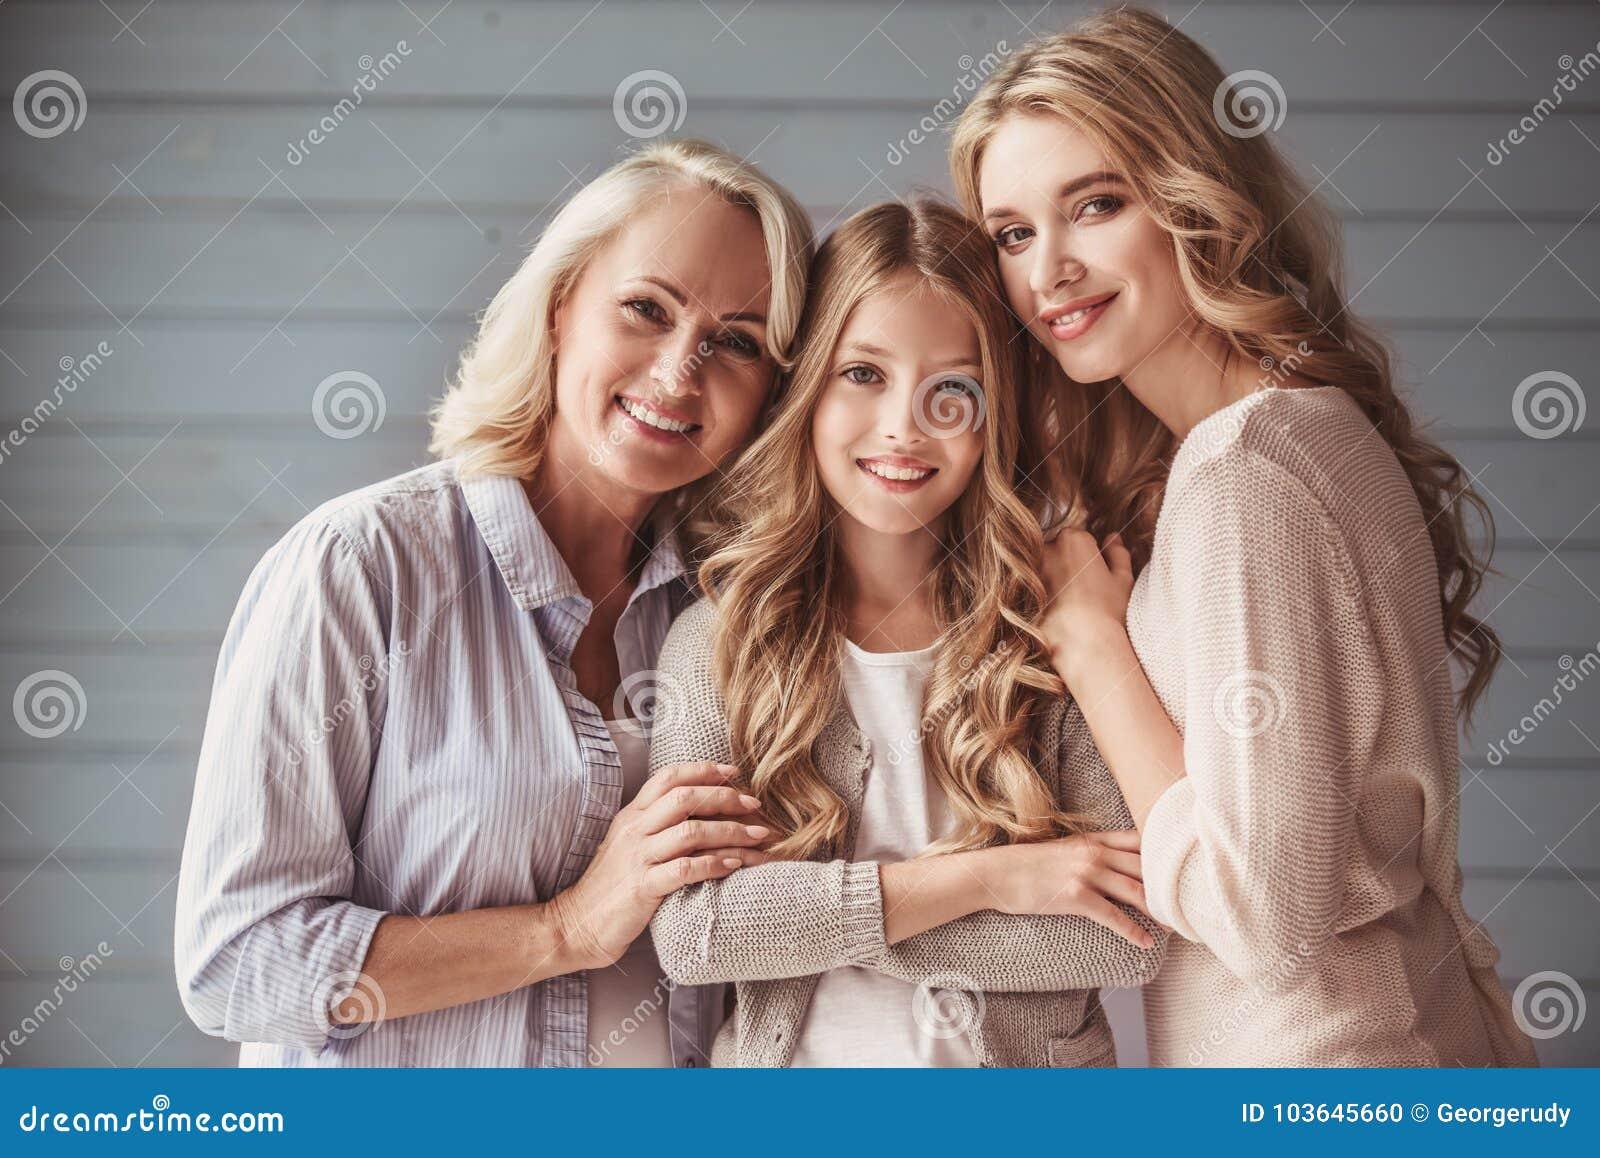 Abuelita, mamá e hija